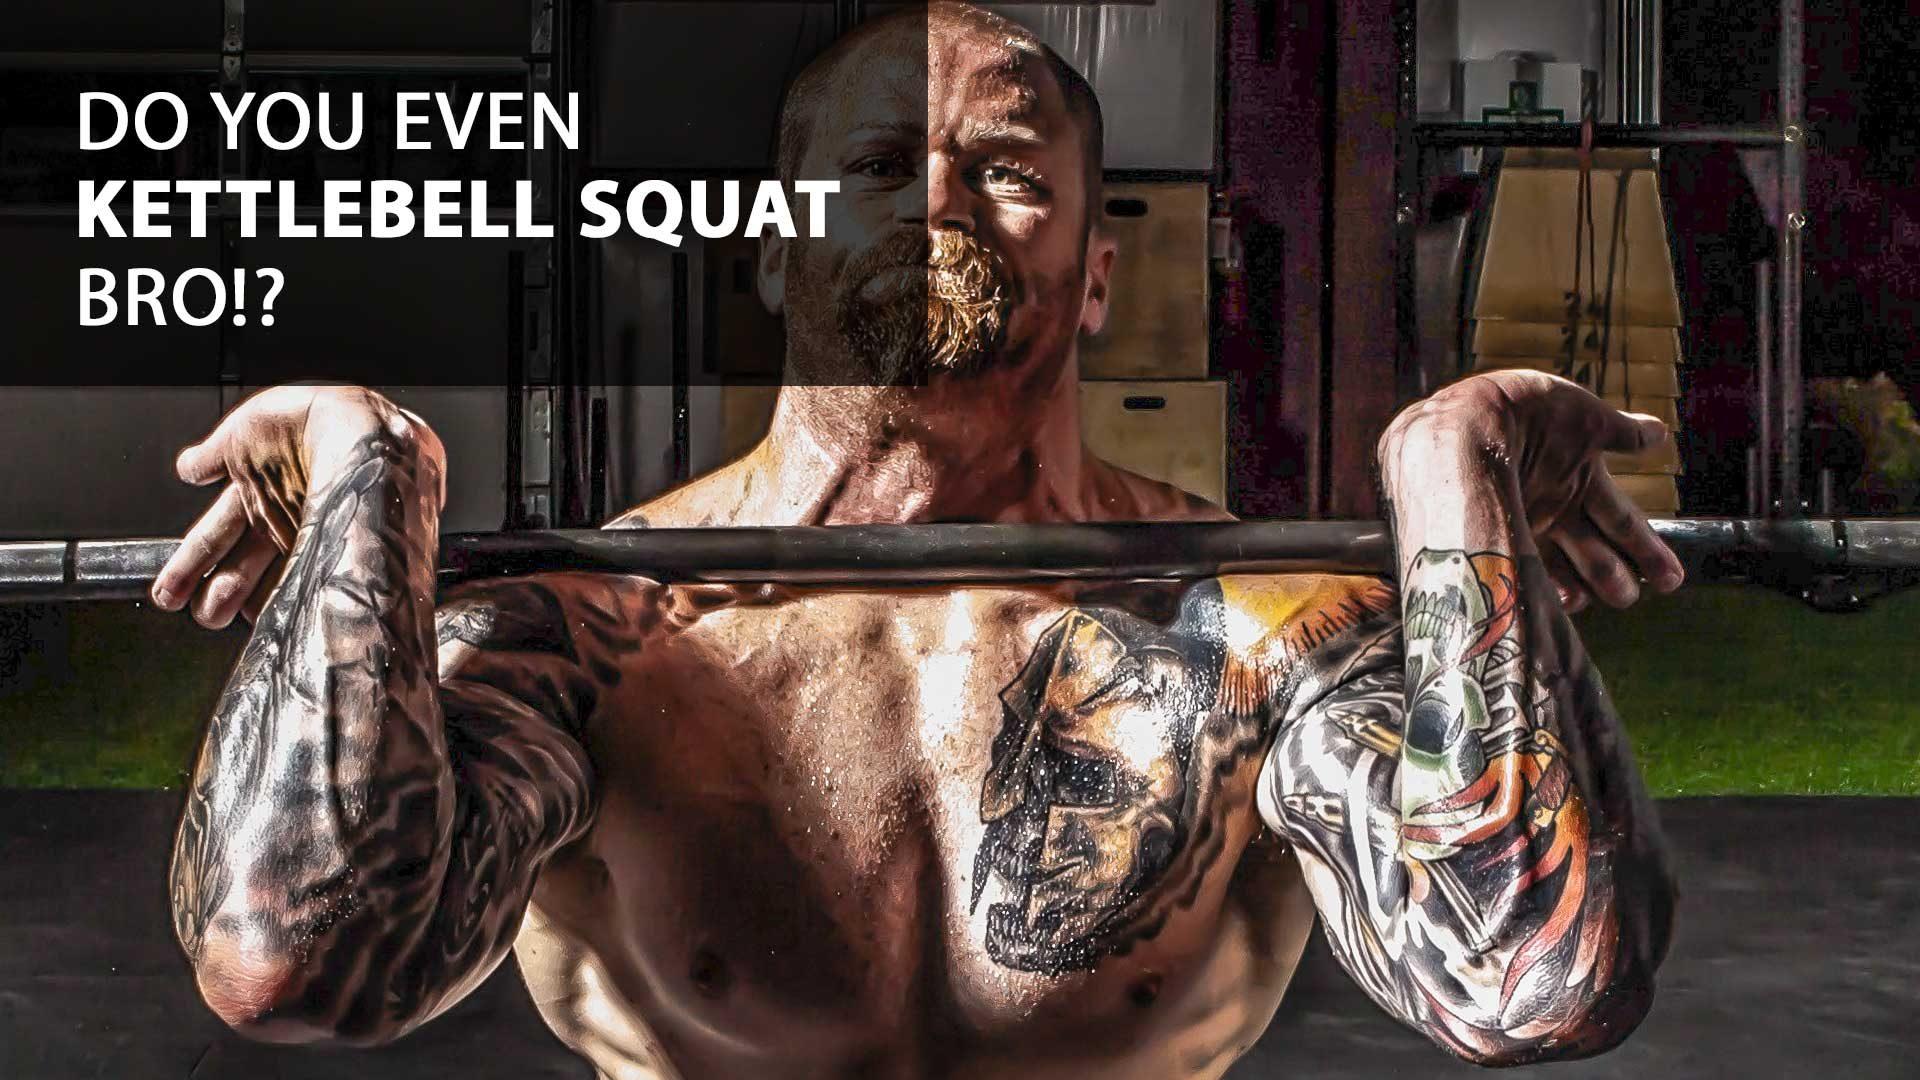 Do you even kettlebell squat bro